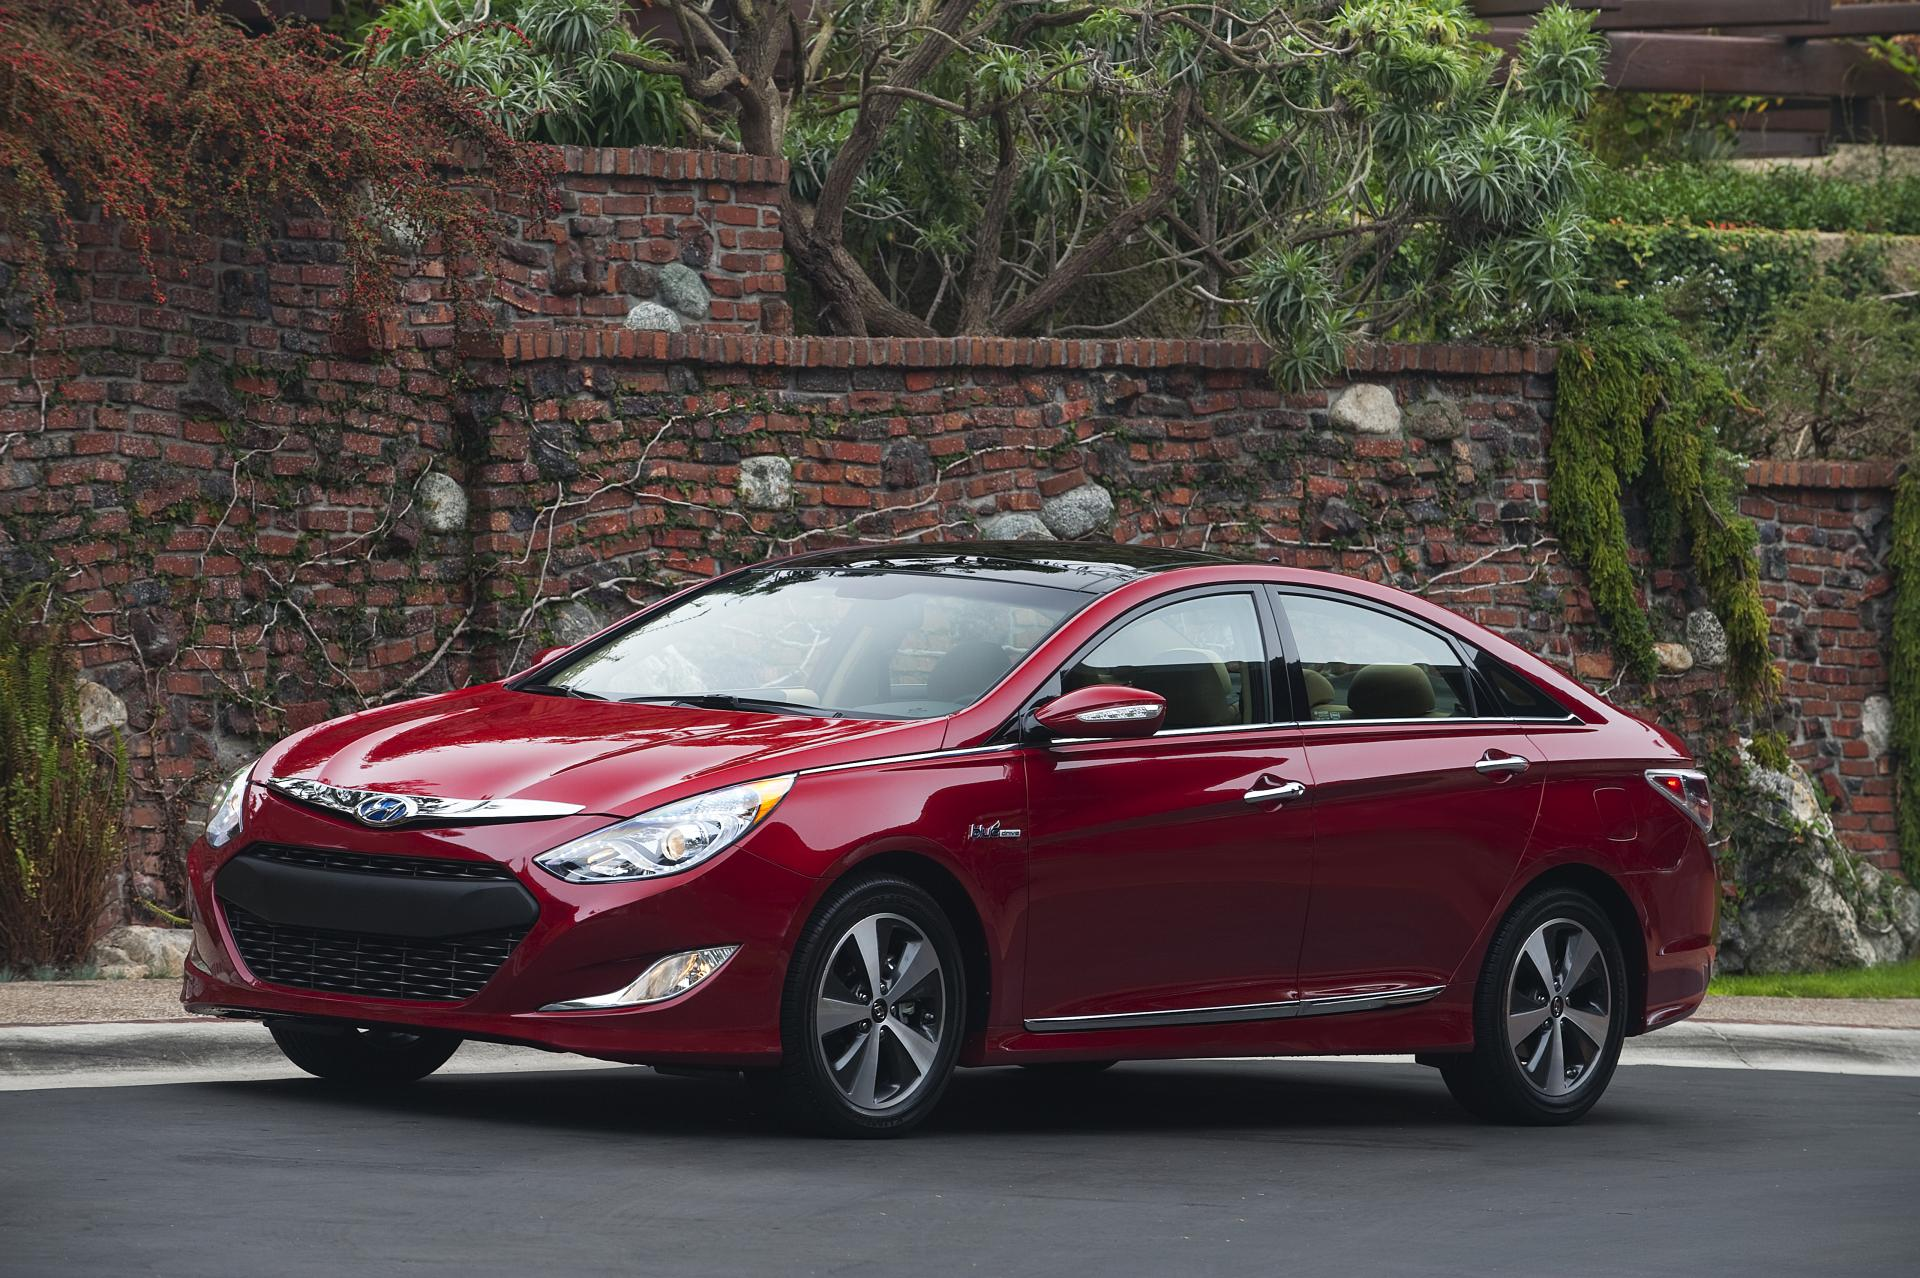 2012 Hyundai Sonata Hybrid Image